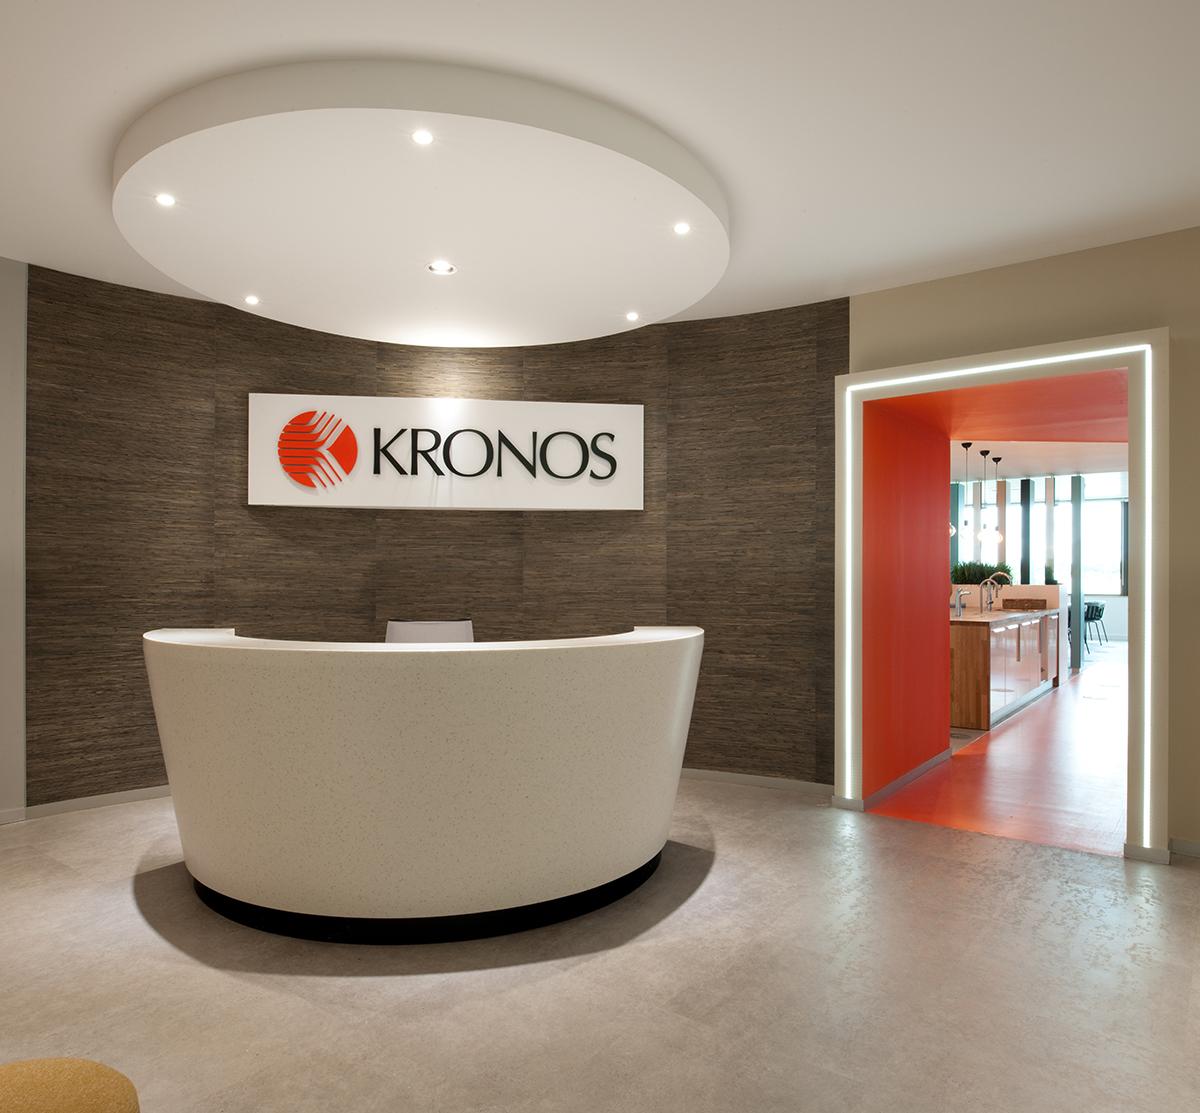 Kronos Reception